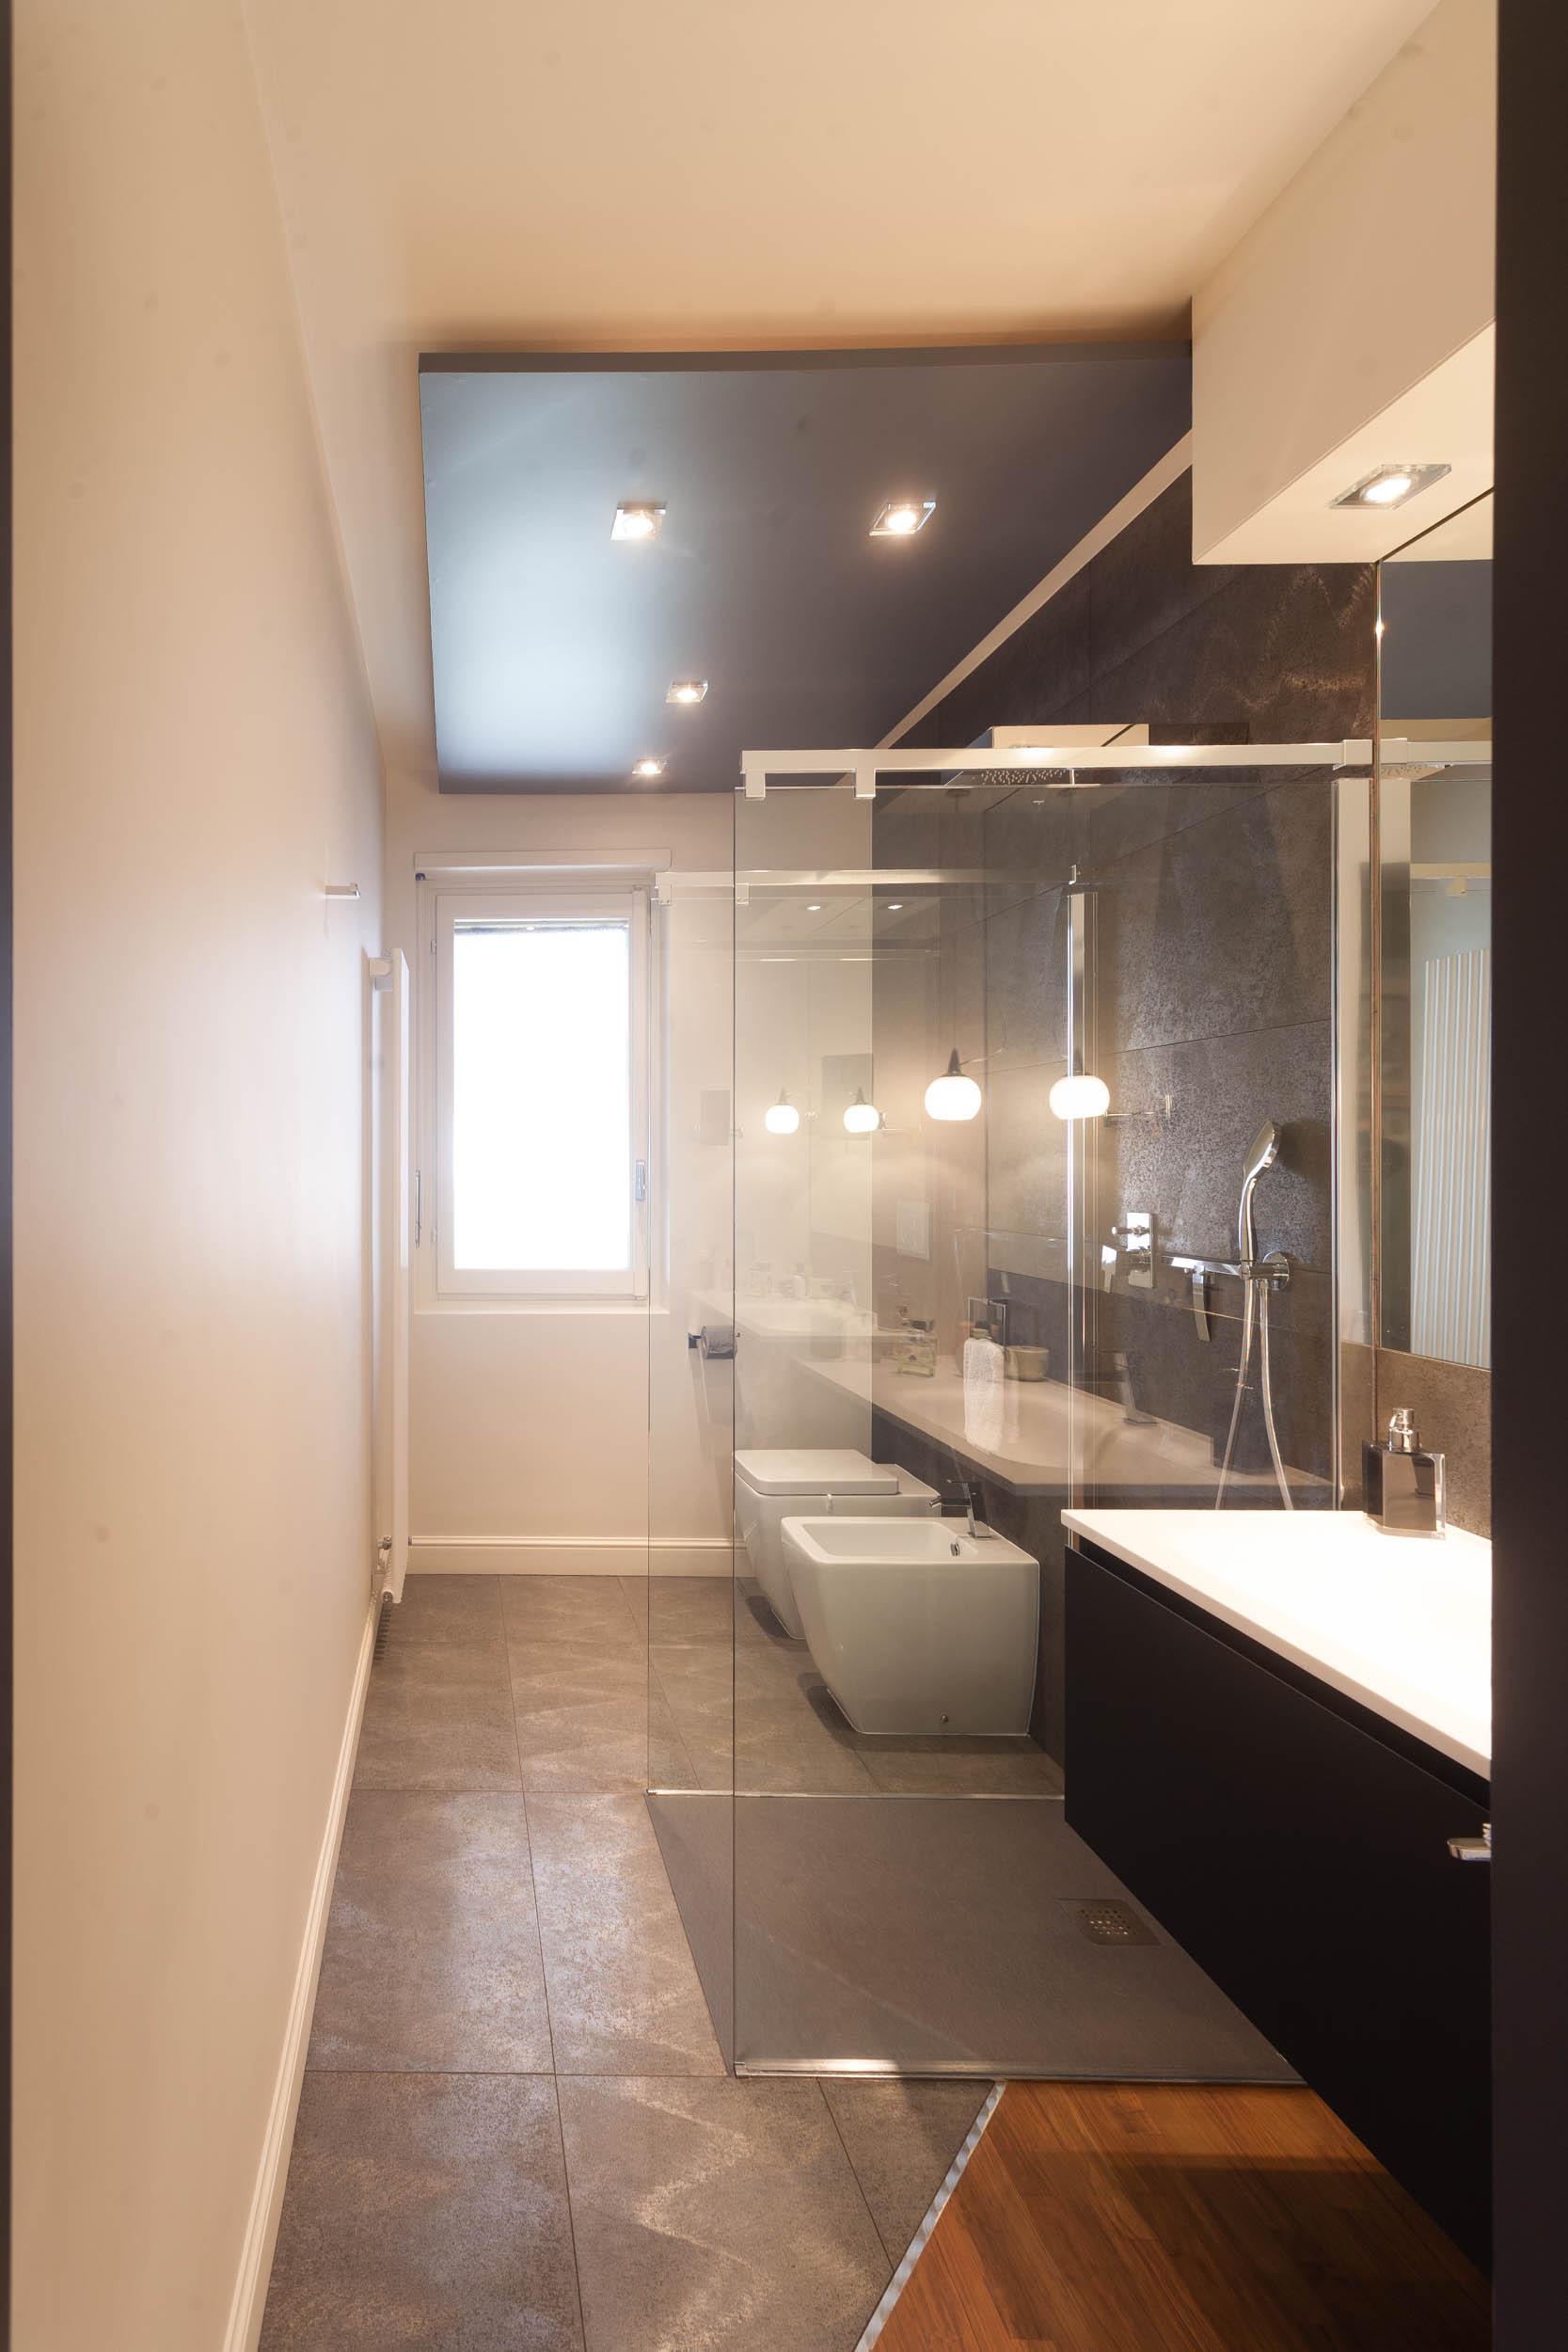 Tracce design studio interior design torino - Corsi interior design torino ...